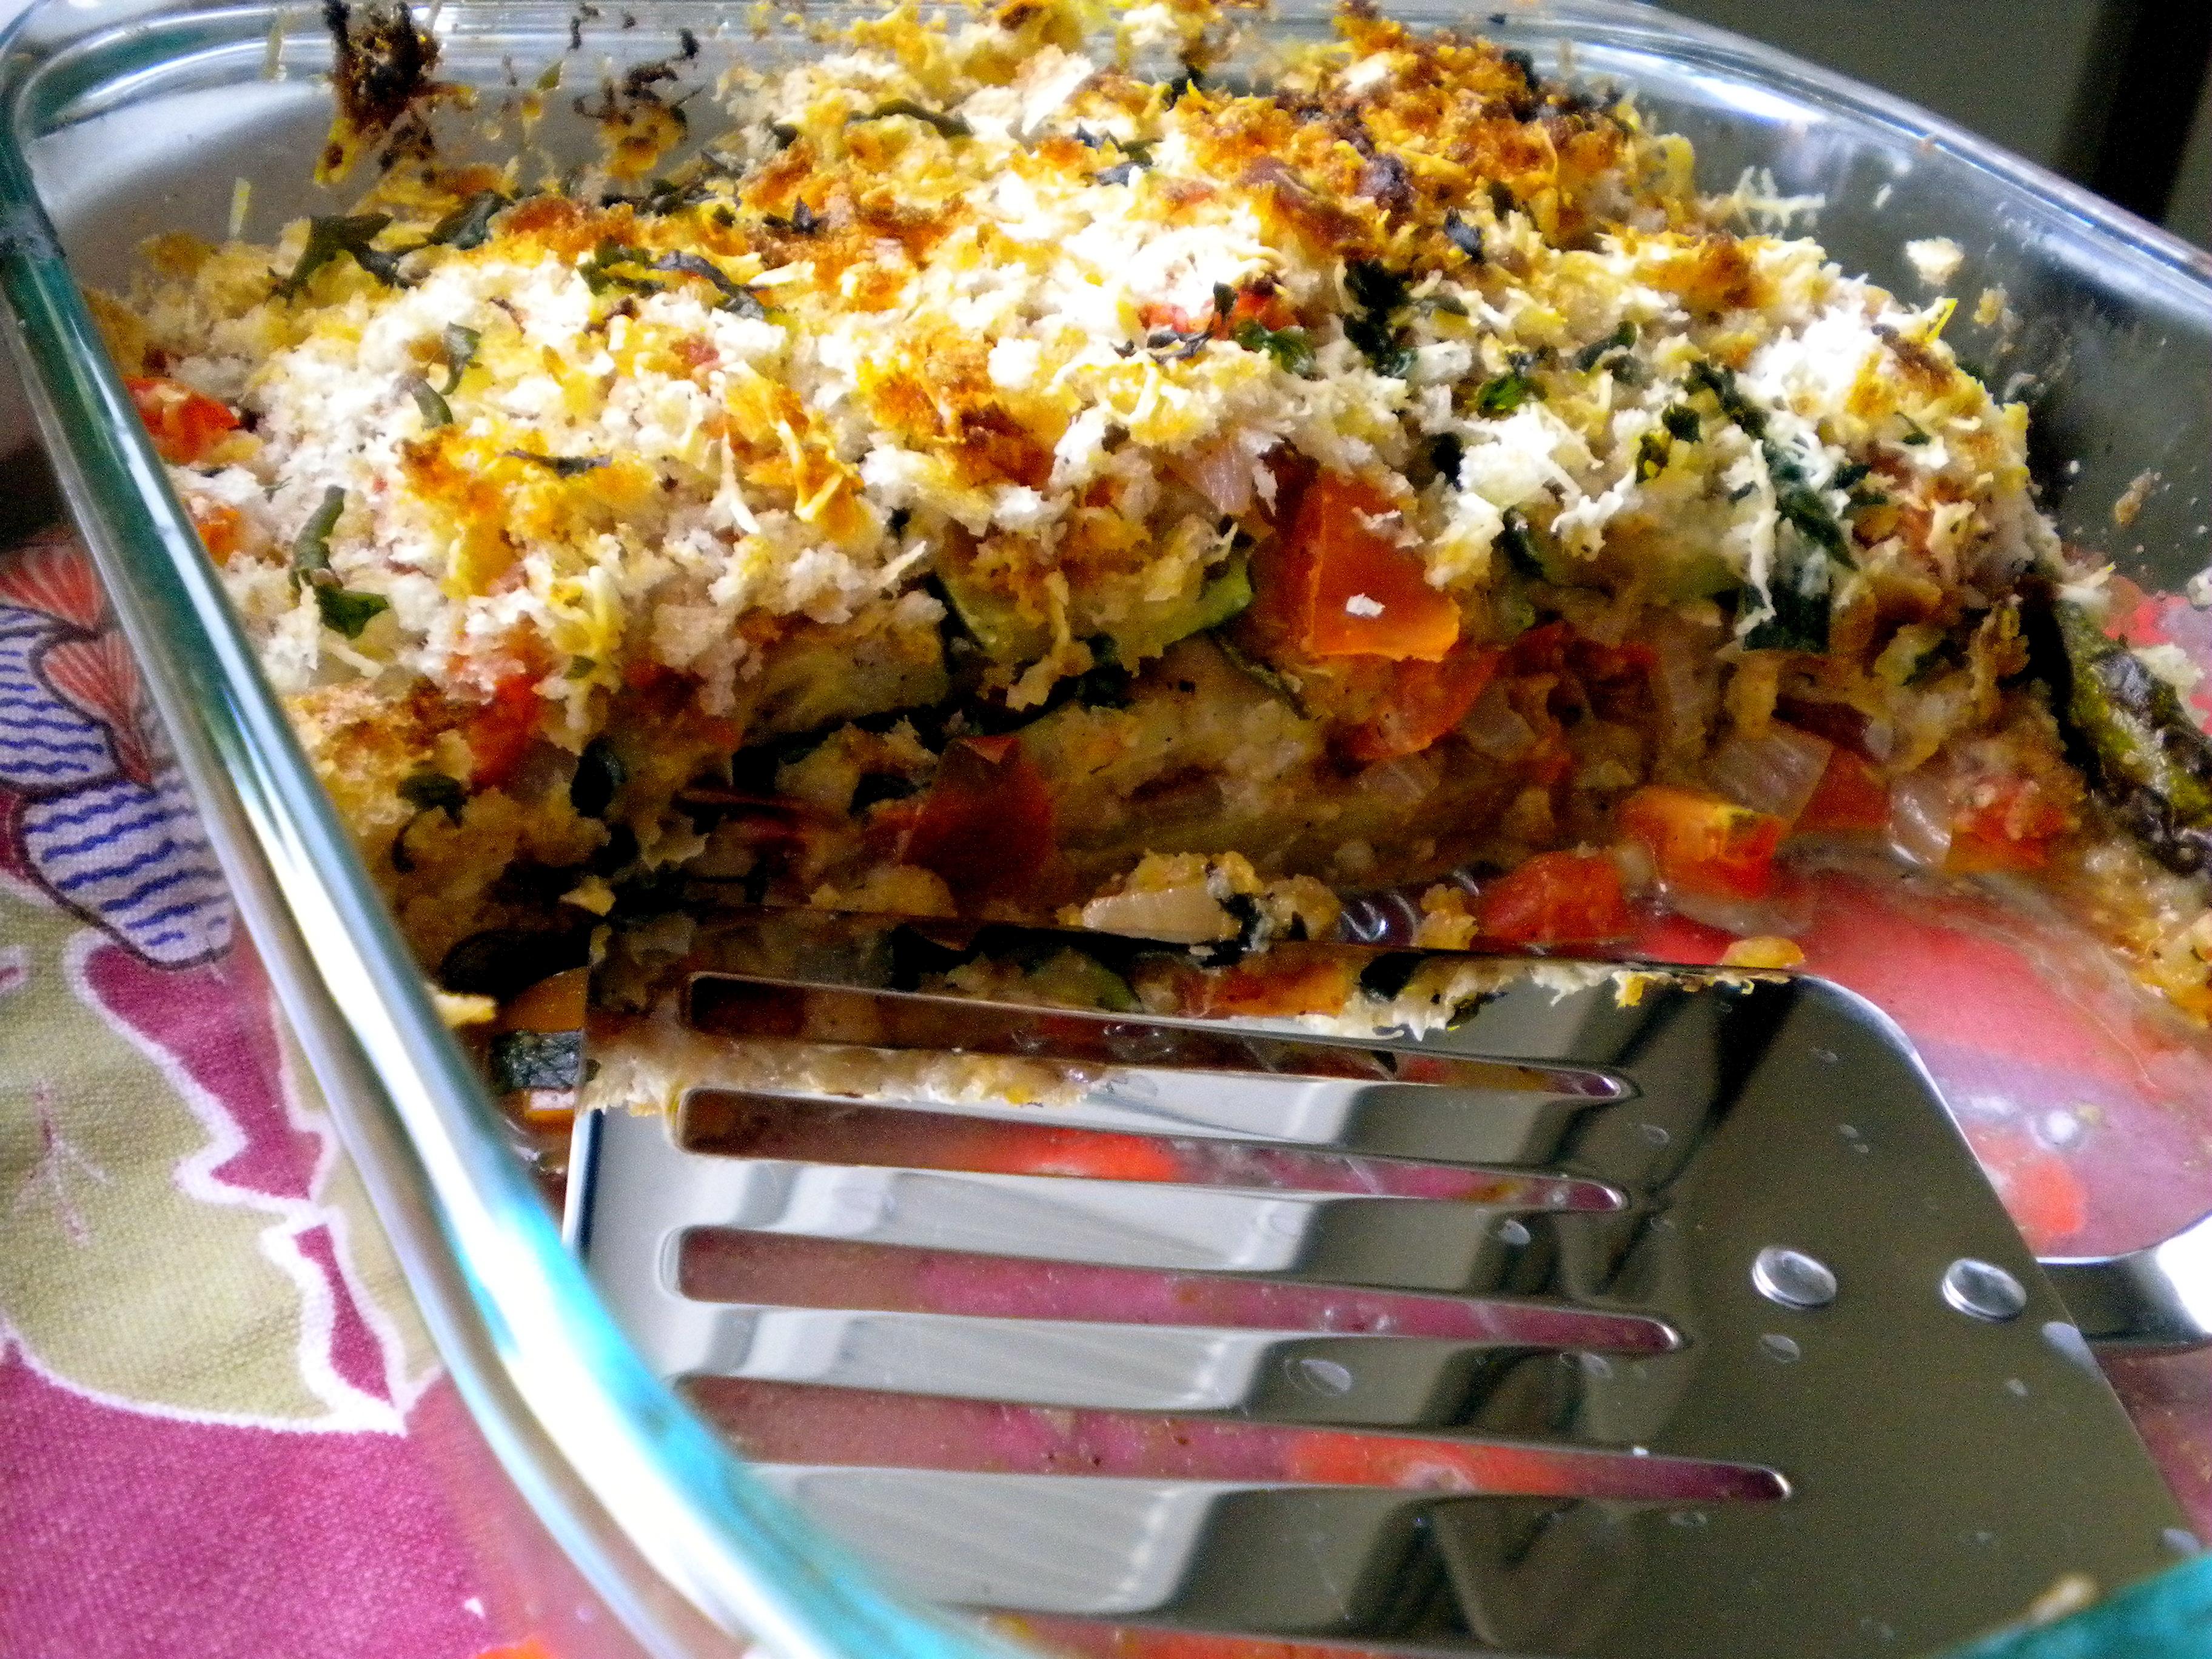 Tomato, Zucchini, and Eggplant Gratin Tomato, Zucchini, and Eggplant Gratin new images